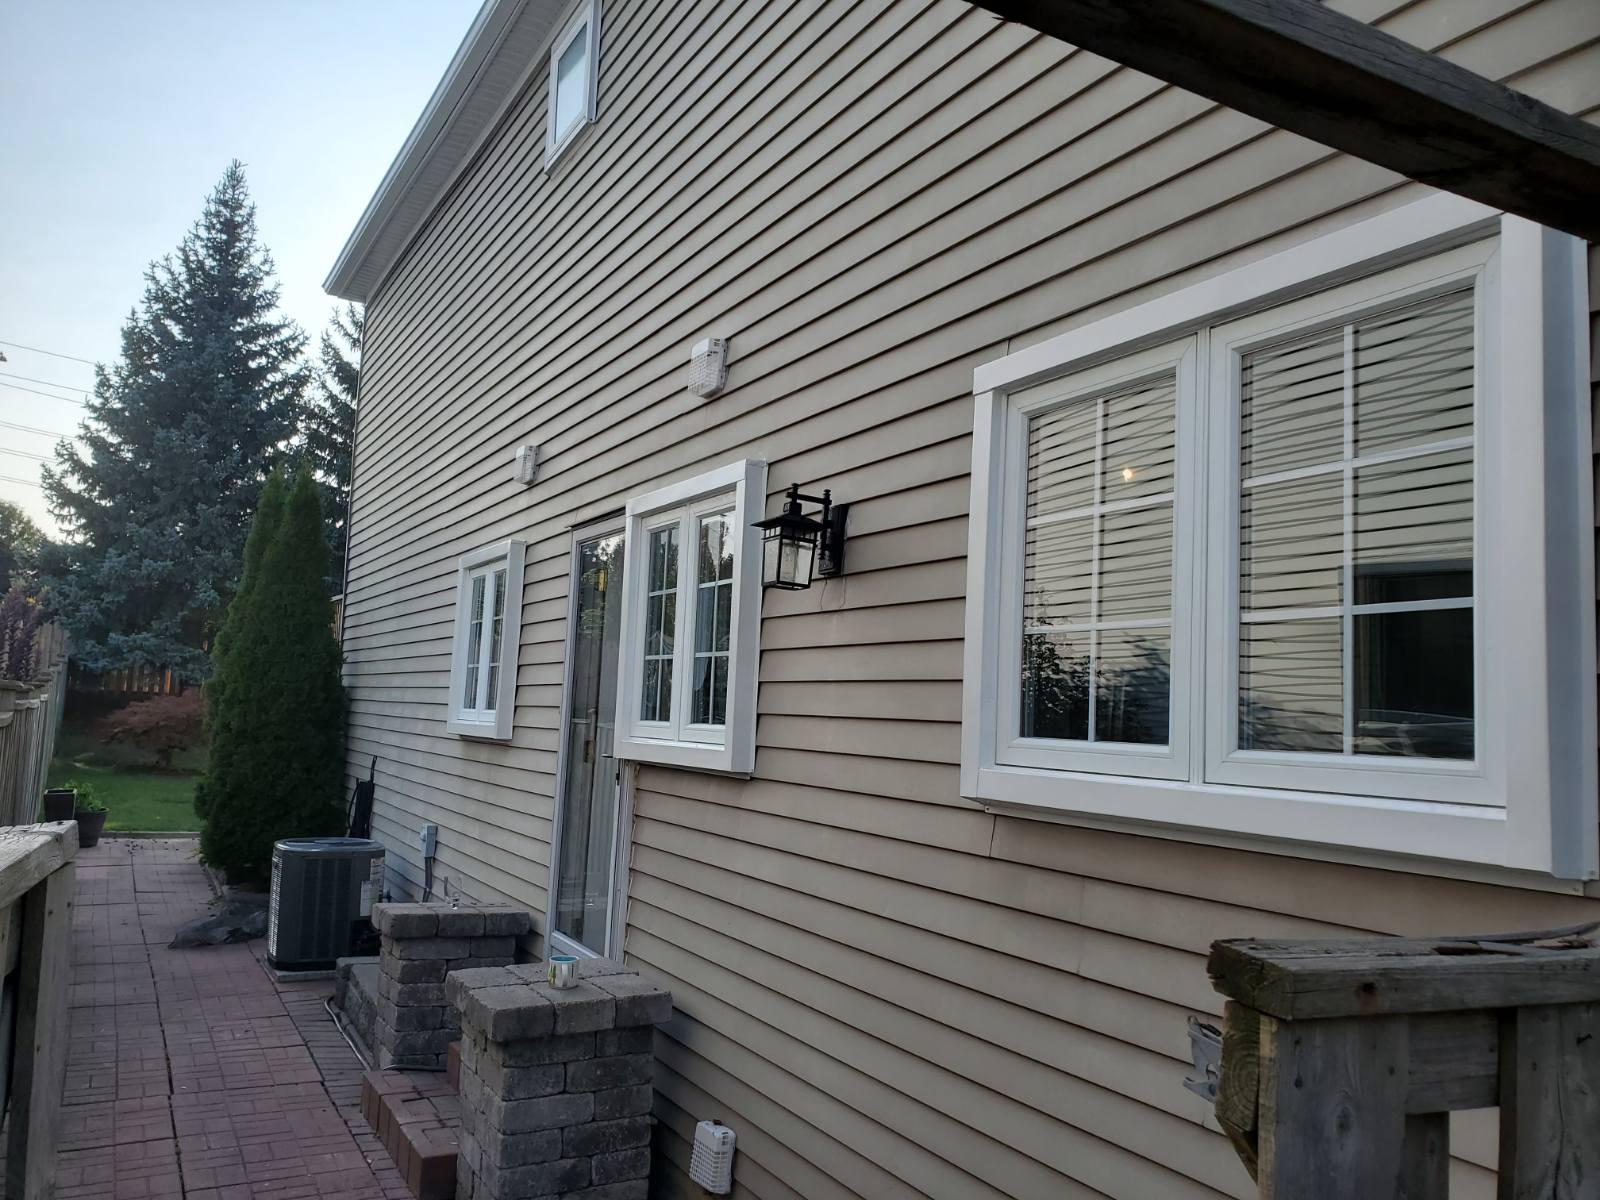 Fibeglass and Steel Door Installation and Replacement, Vinyl Windows Woodbridge, Maple, Vaughan, King, Aurora, Nemwarket, Caledon, Nobleton, Kleinburg